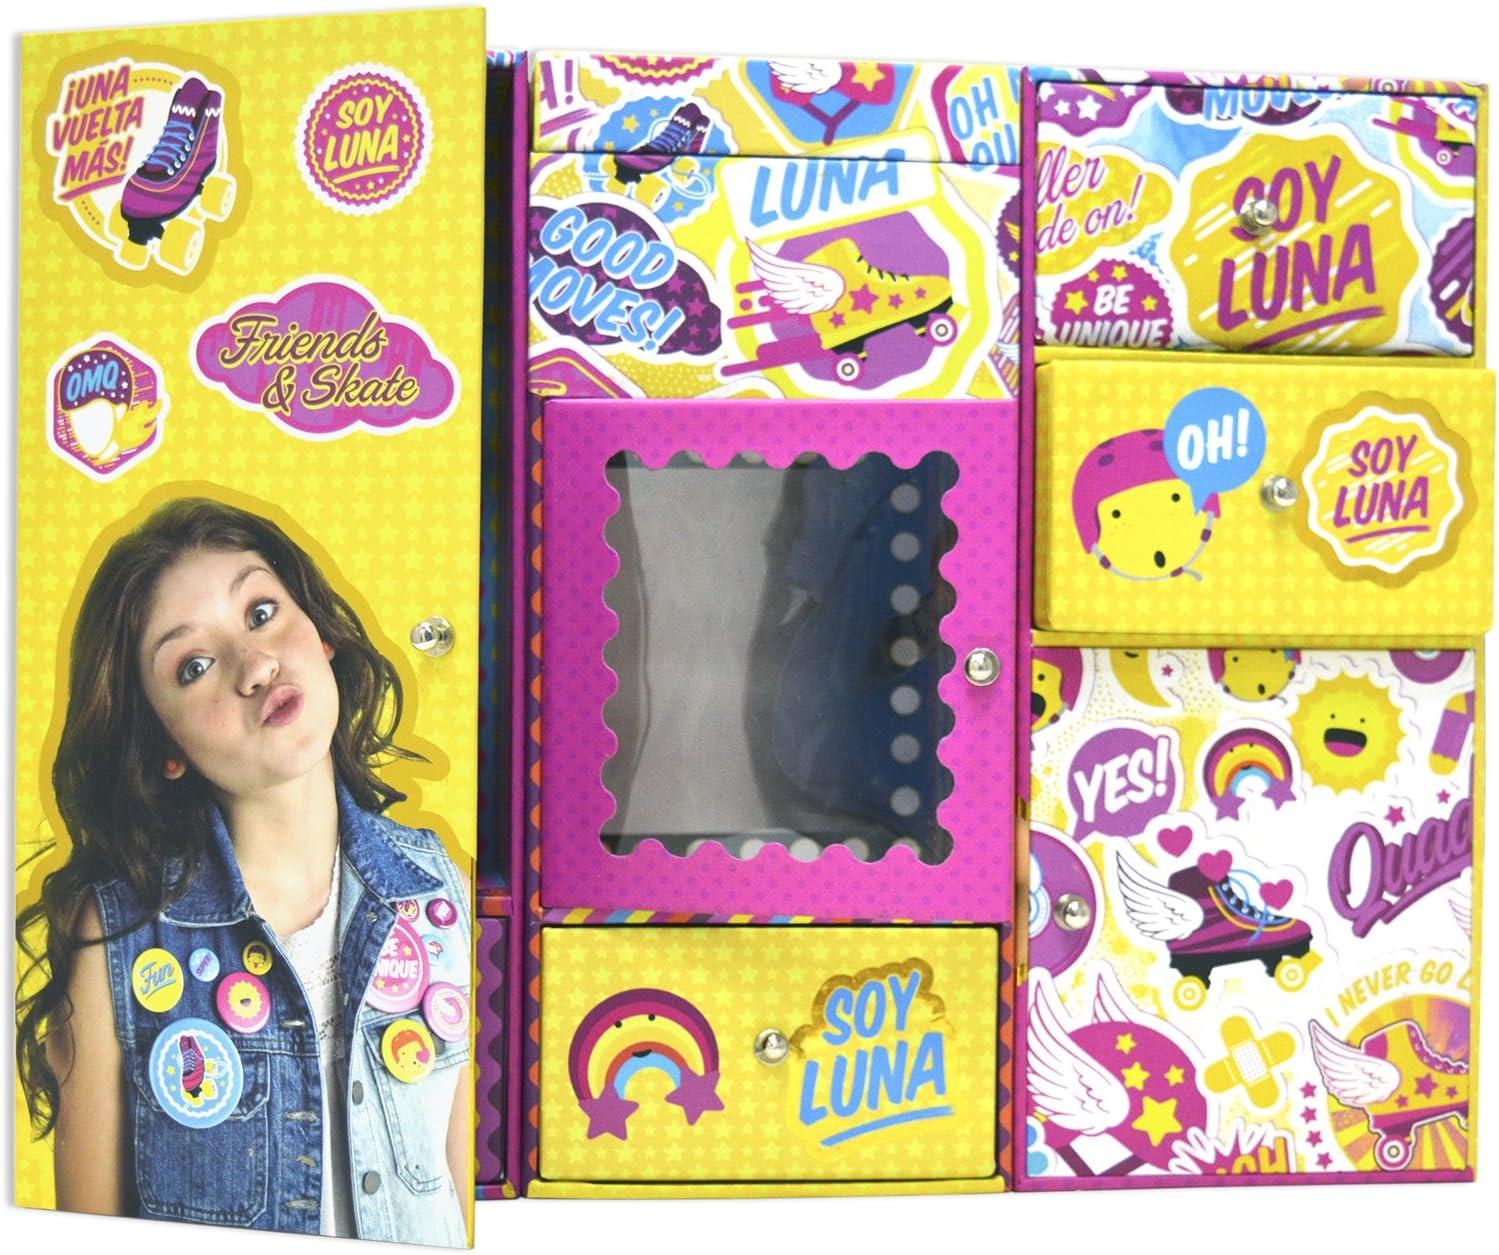 Soy Luna - Taquilla Triple Deluxe (CIFE 40496): Amazon.es: Juguetes y juegos